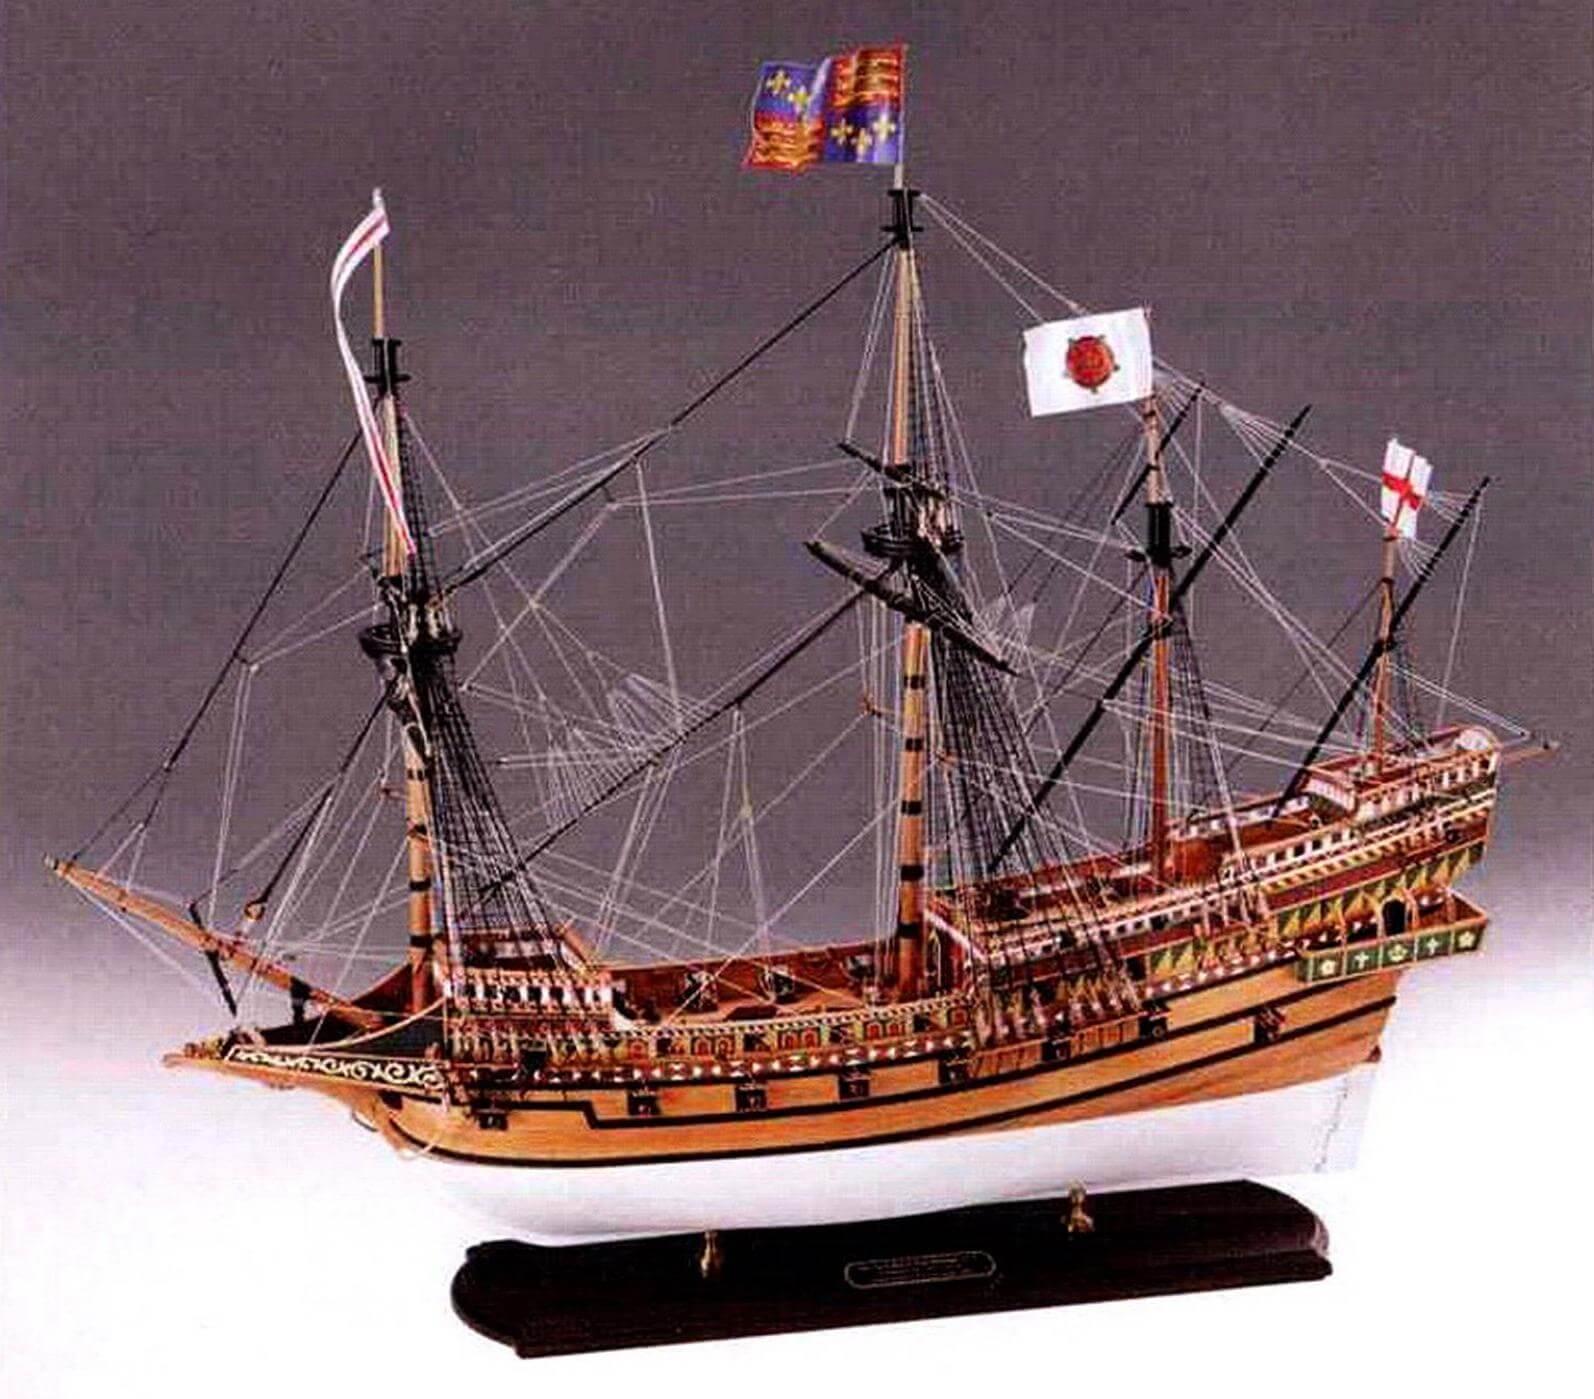 На этой модели «Ривенджа» прекрасно показана вся проводка снастей корабля (стоячего и бегучего такелажа).